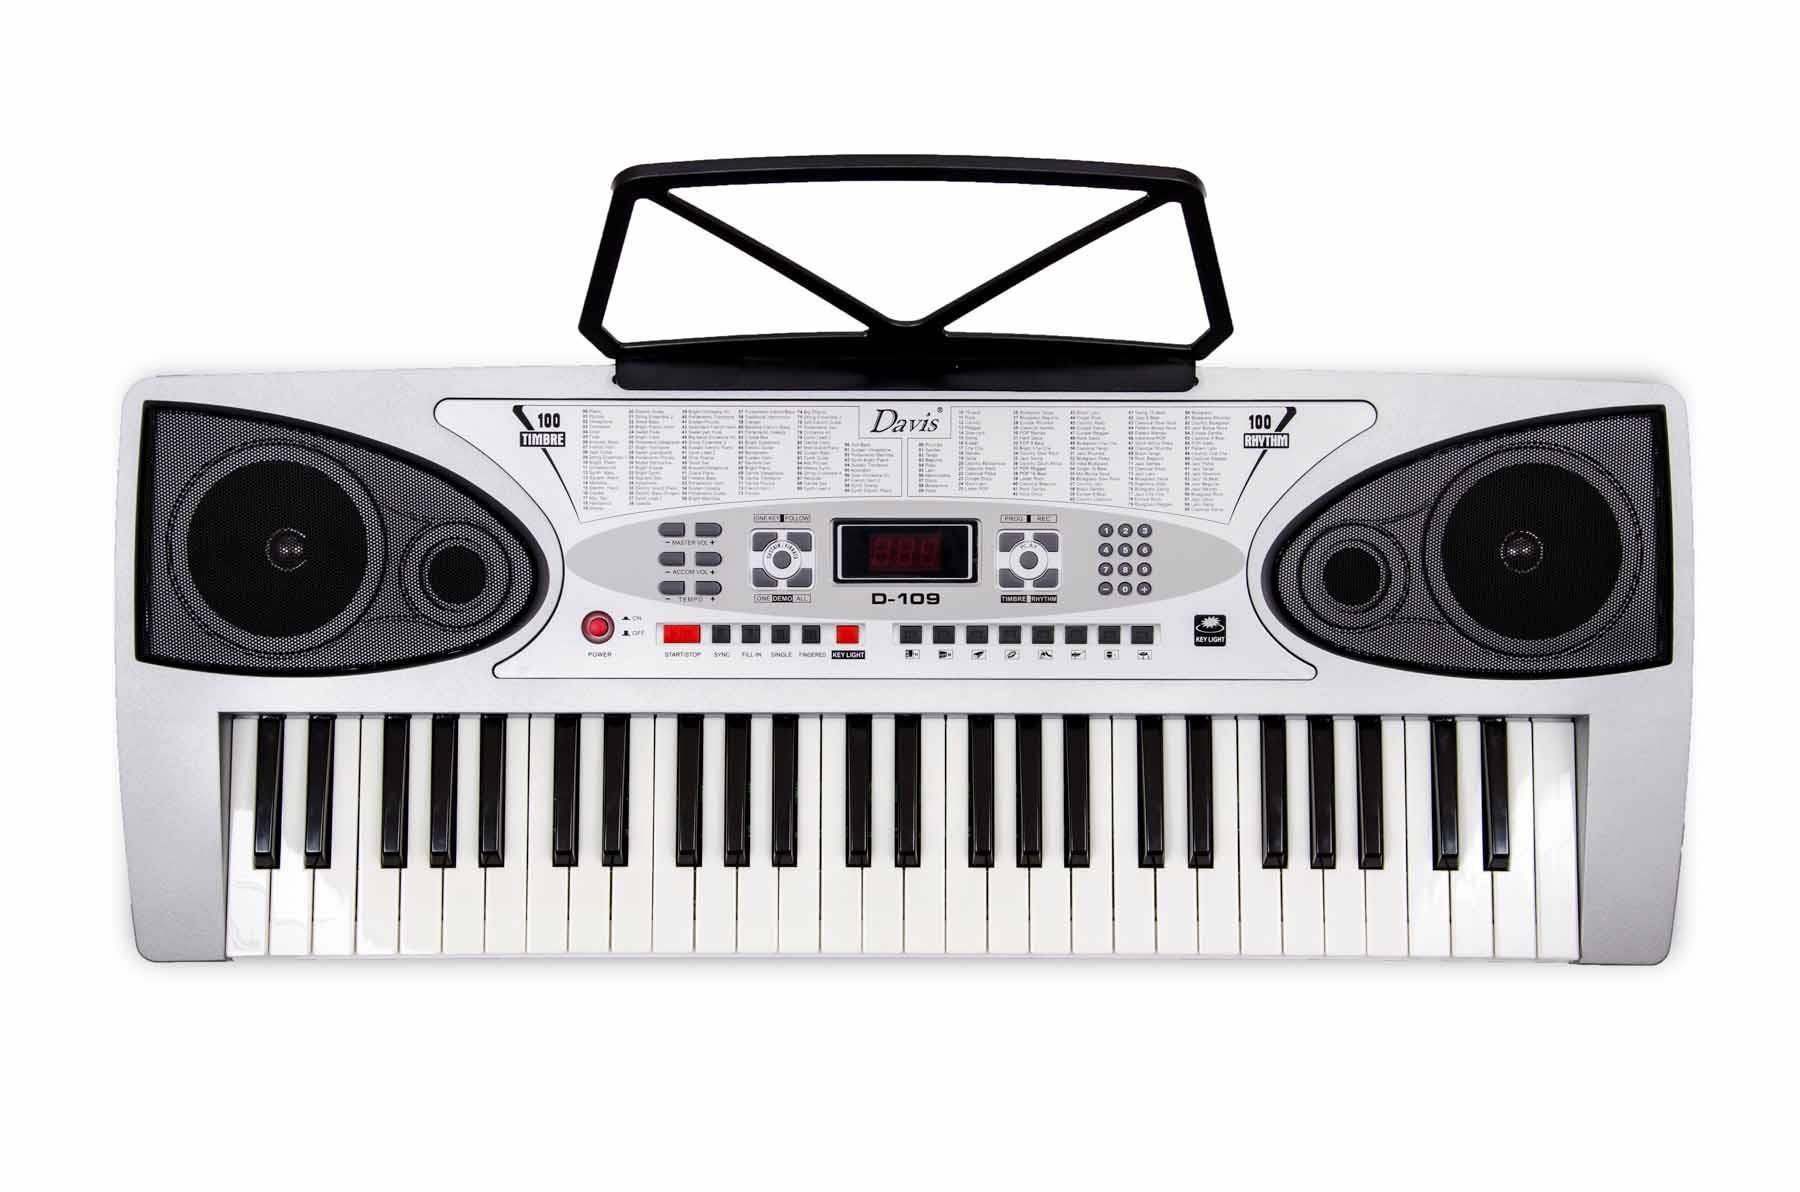 Davis Musical Instruments-D-109_1